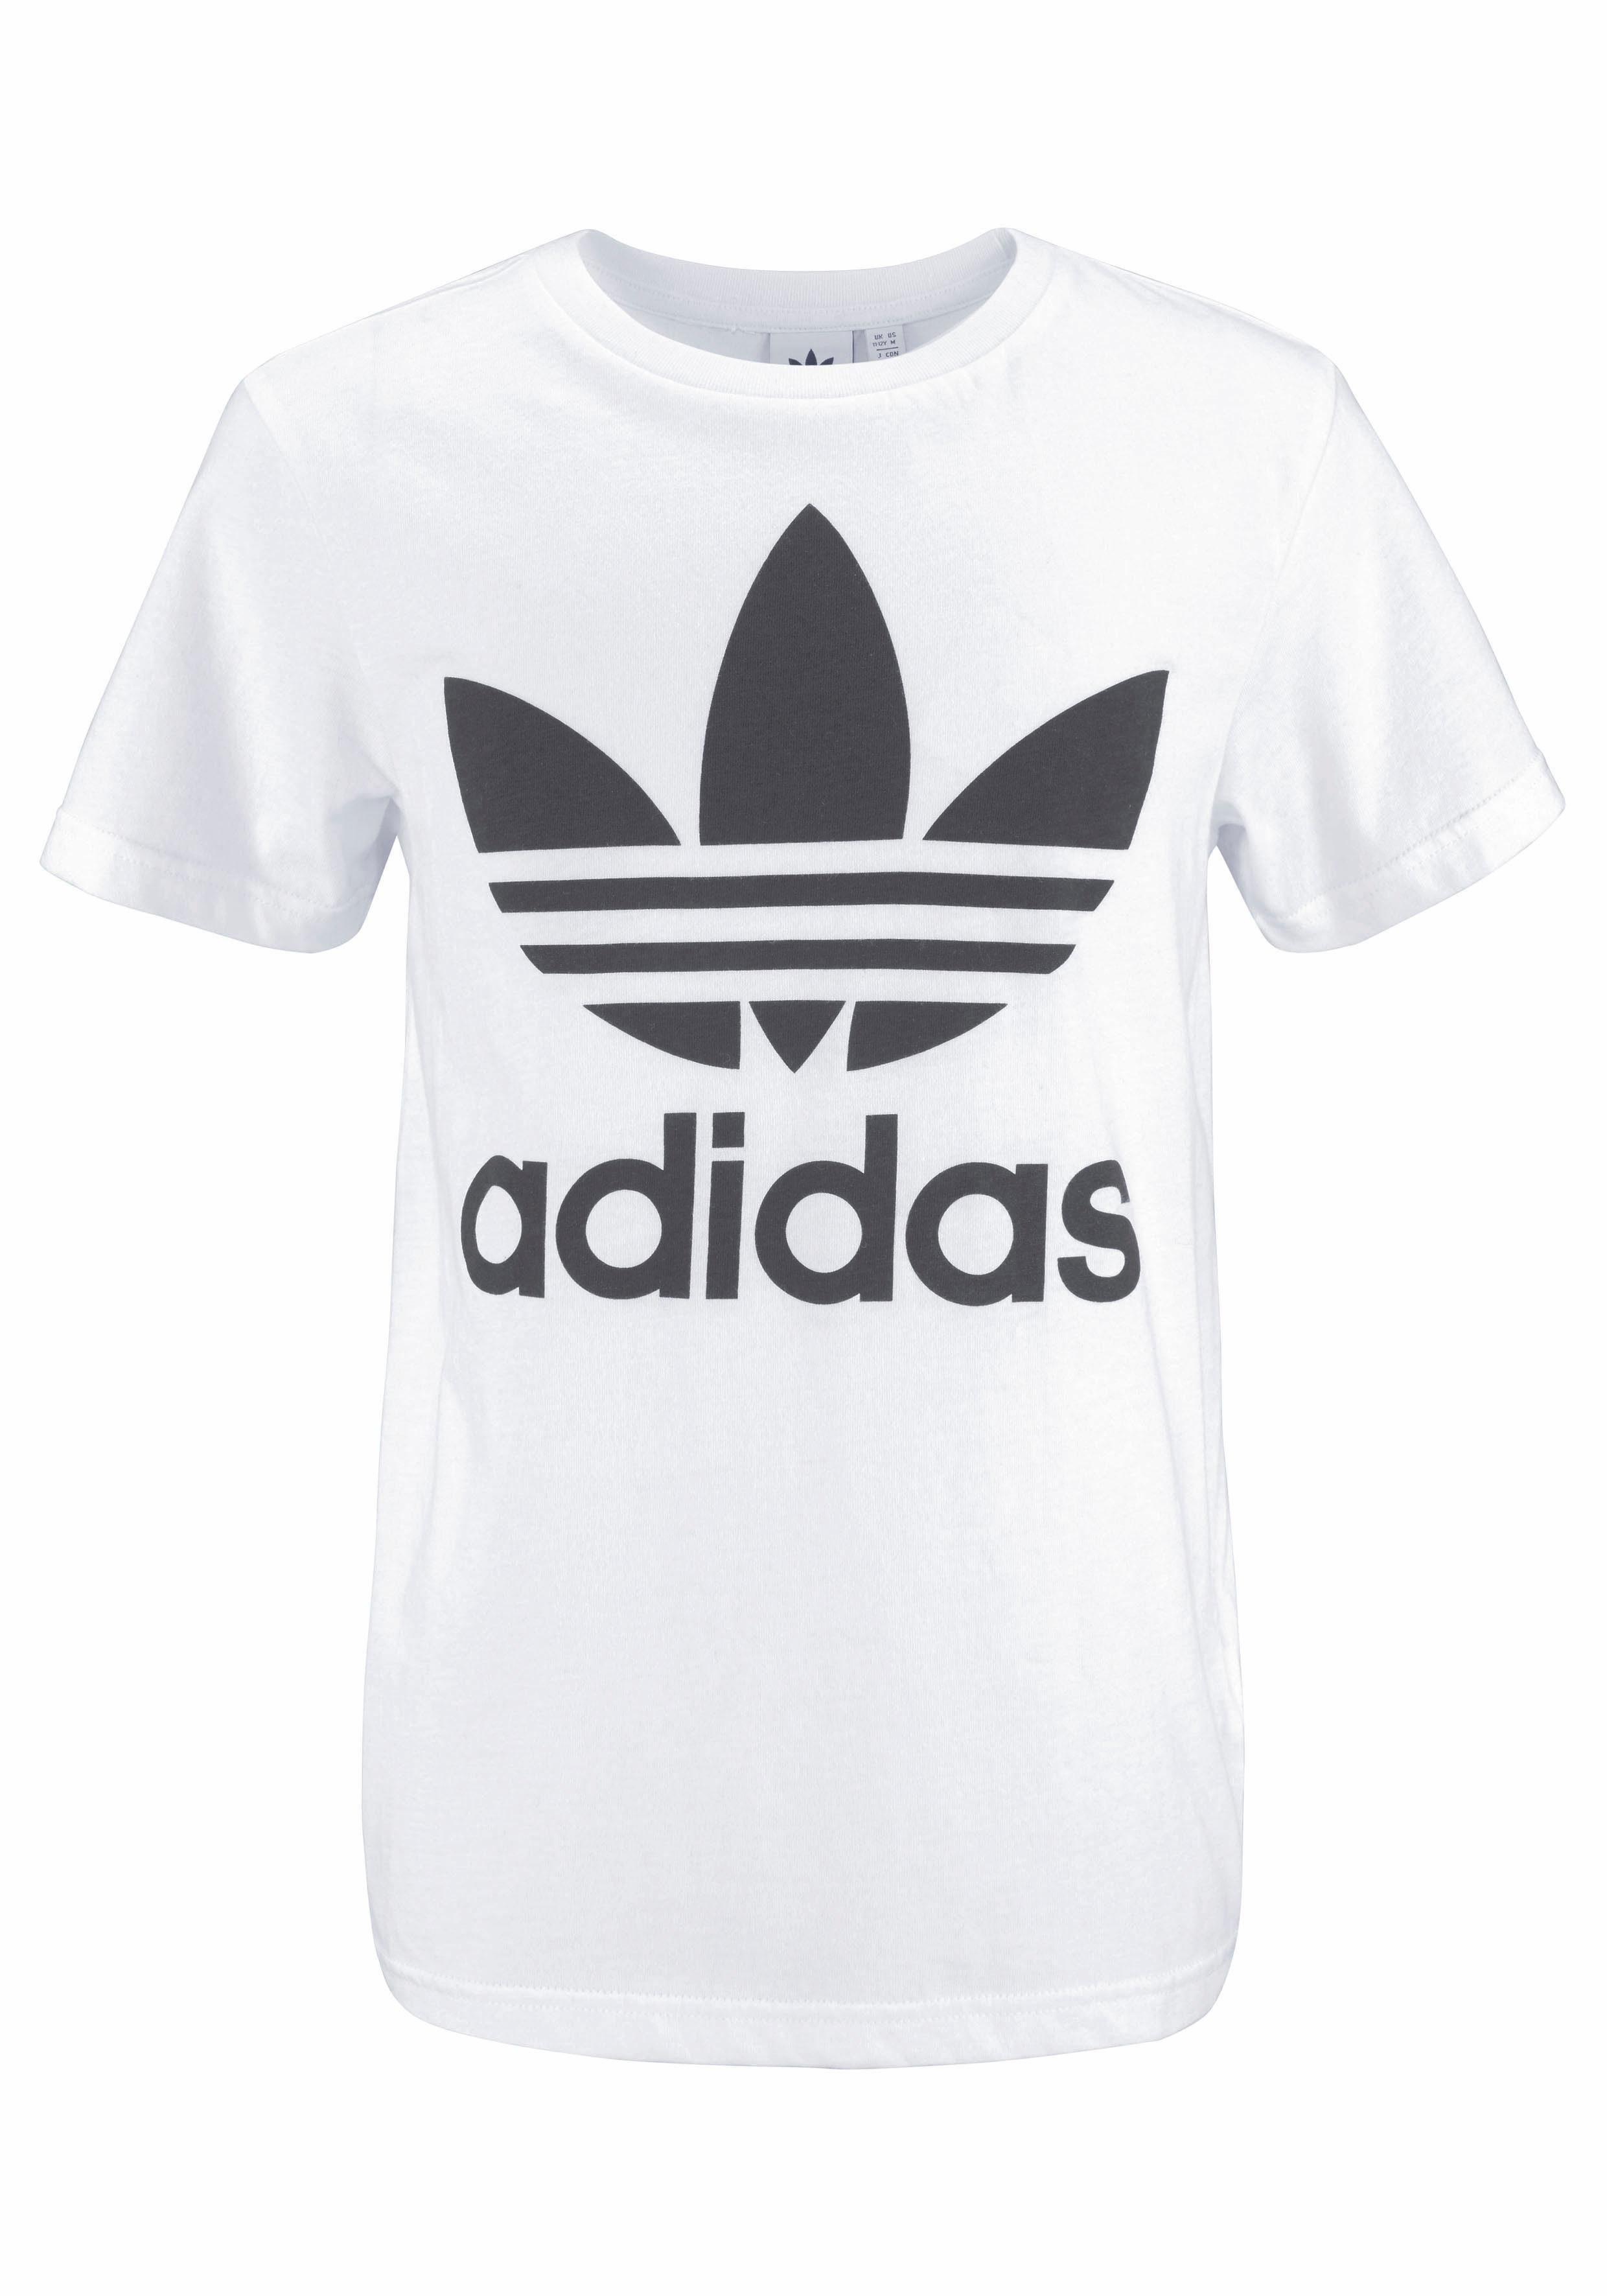 adidas shirt schwarz mädchen